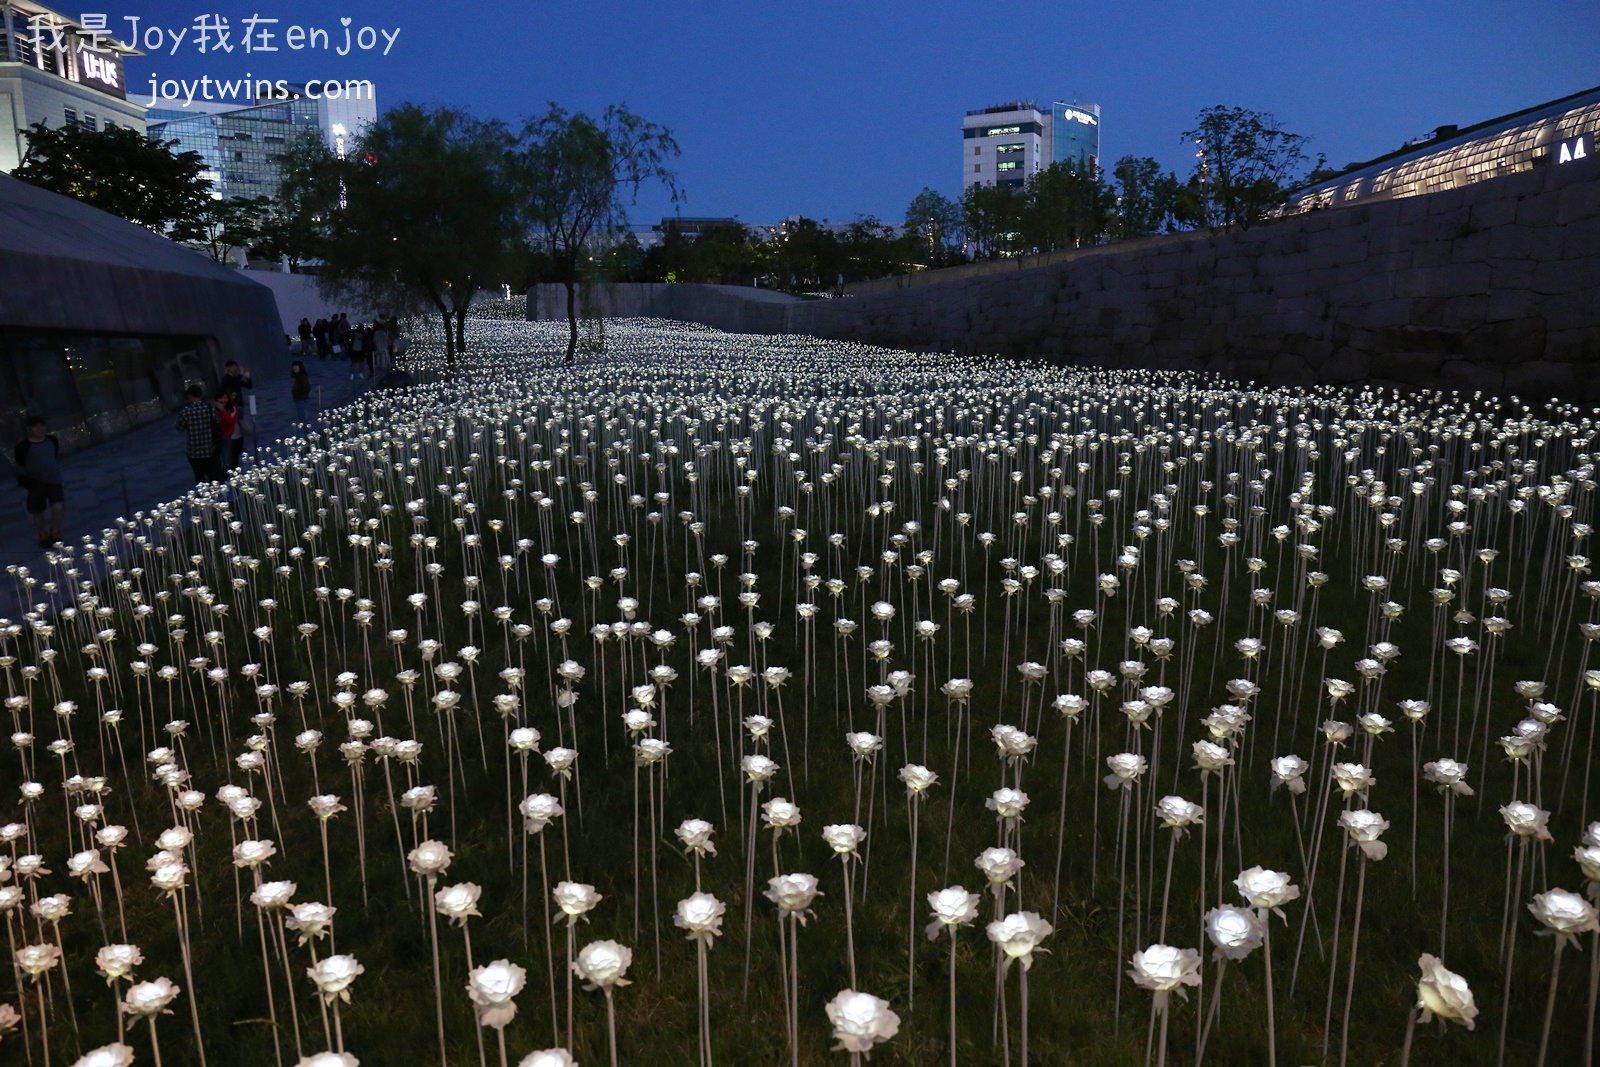 【首爾景點】東大門設計廣場 DDP 情侶拍照聖地 LED玫瑰花海超迷人 孔劉廣告拍攝